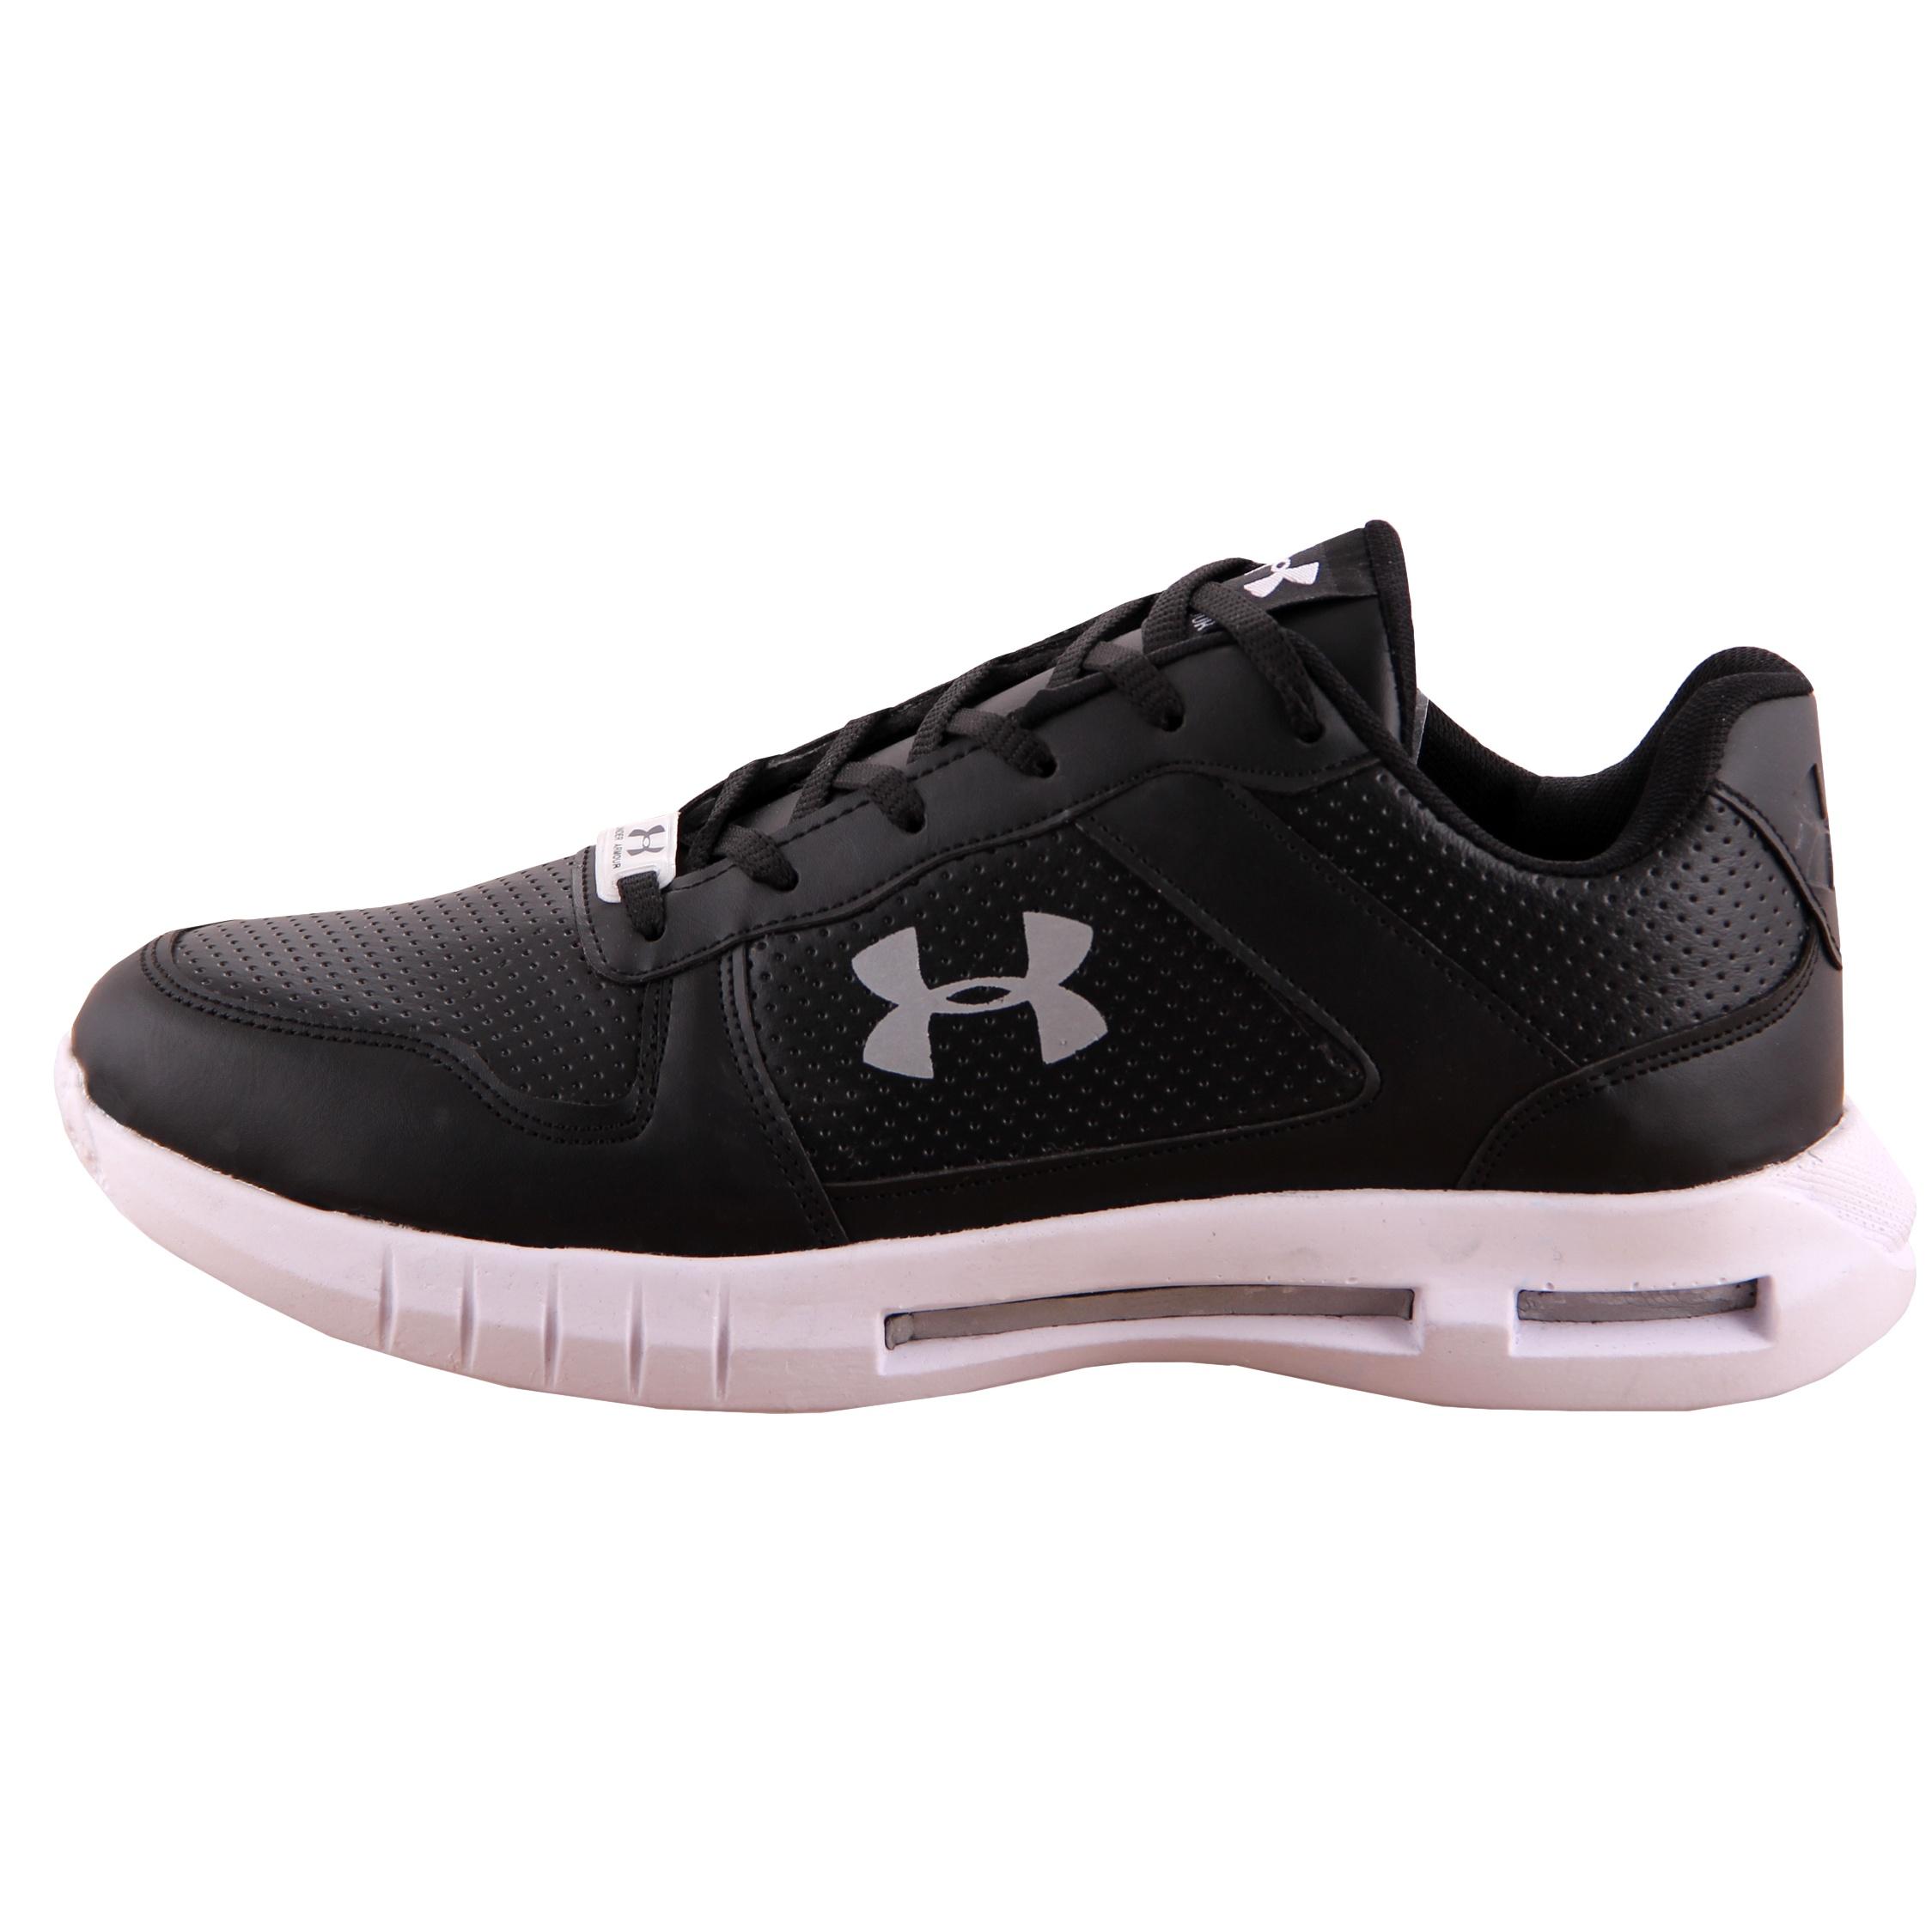 کفش مخصوص پیاده روی مردانه کد 4-2397810